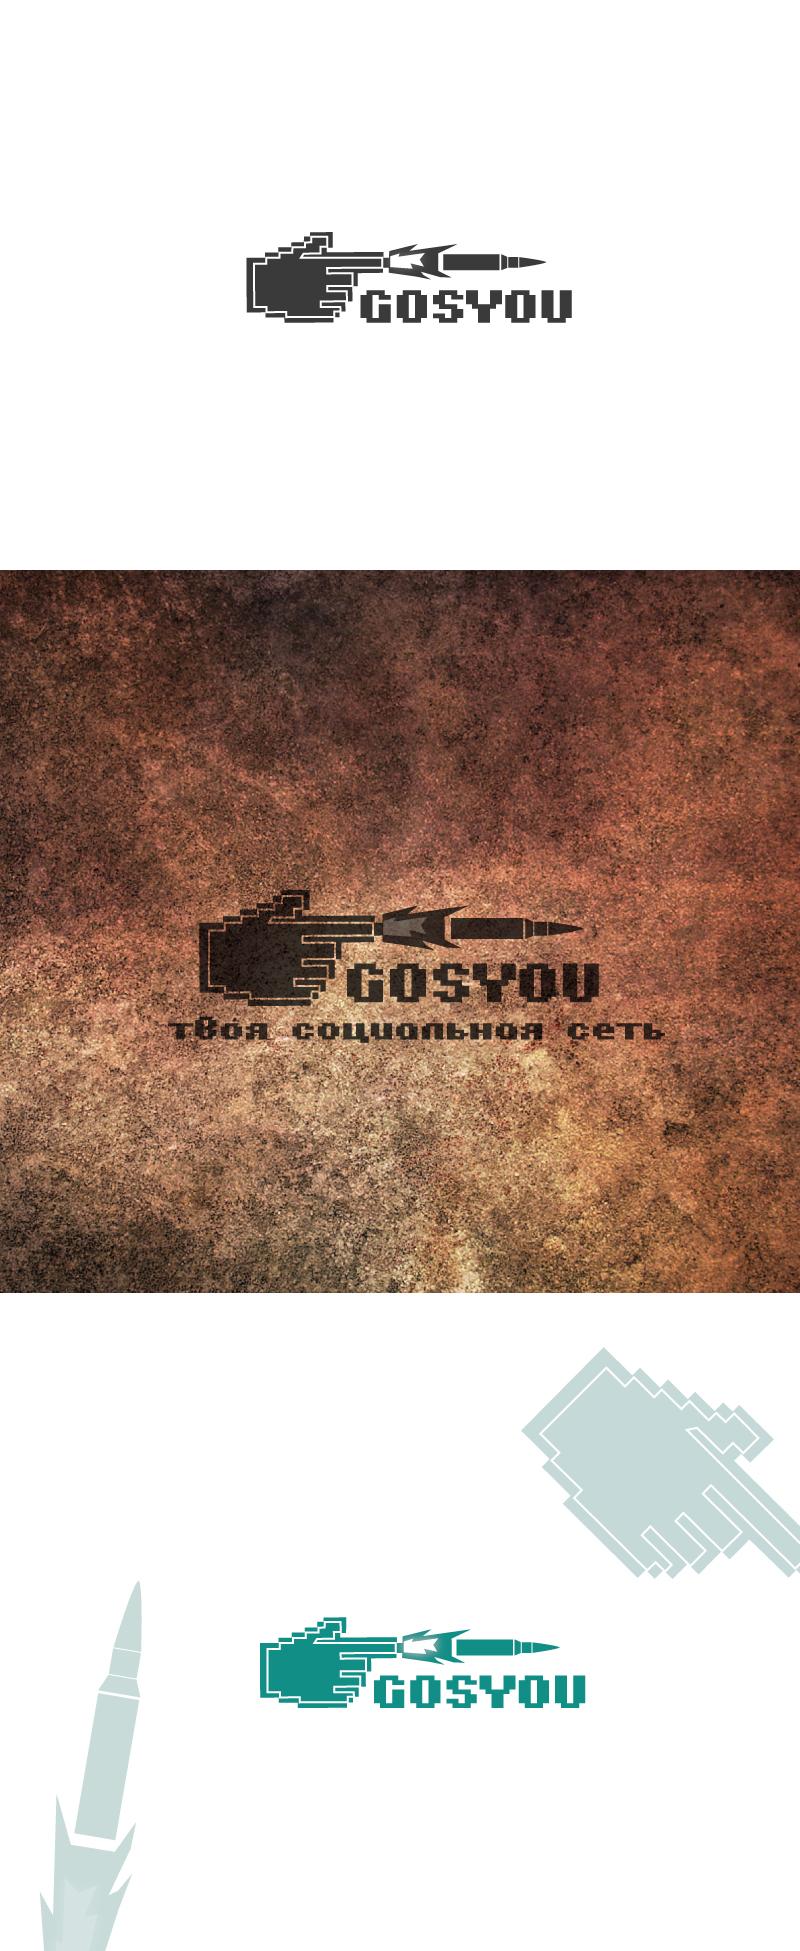 Логотип, фир. стиль и иконку для социальной сети GosYou фото f_507d182db58e1.jpg